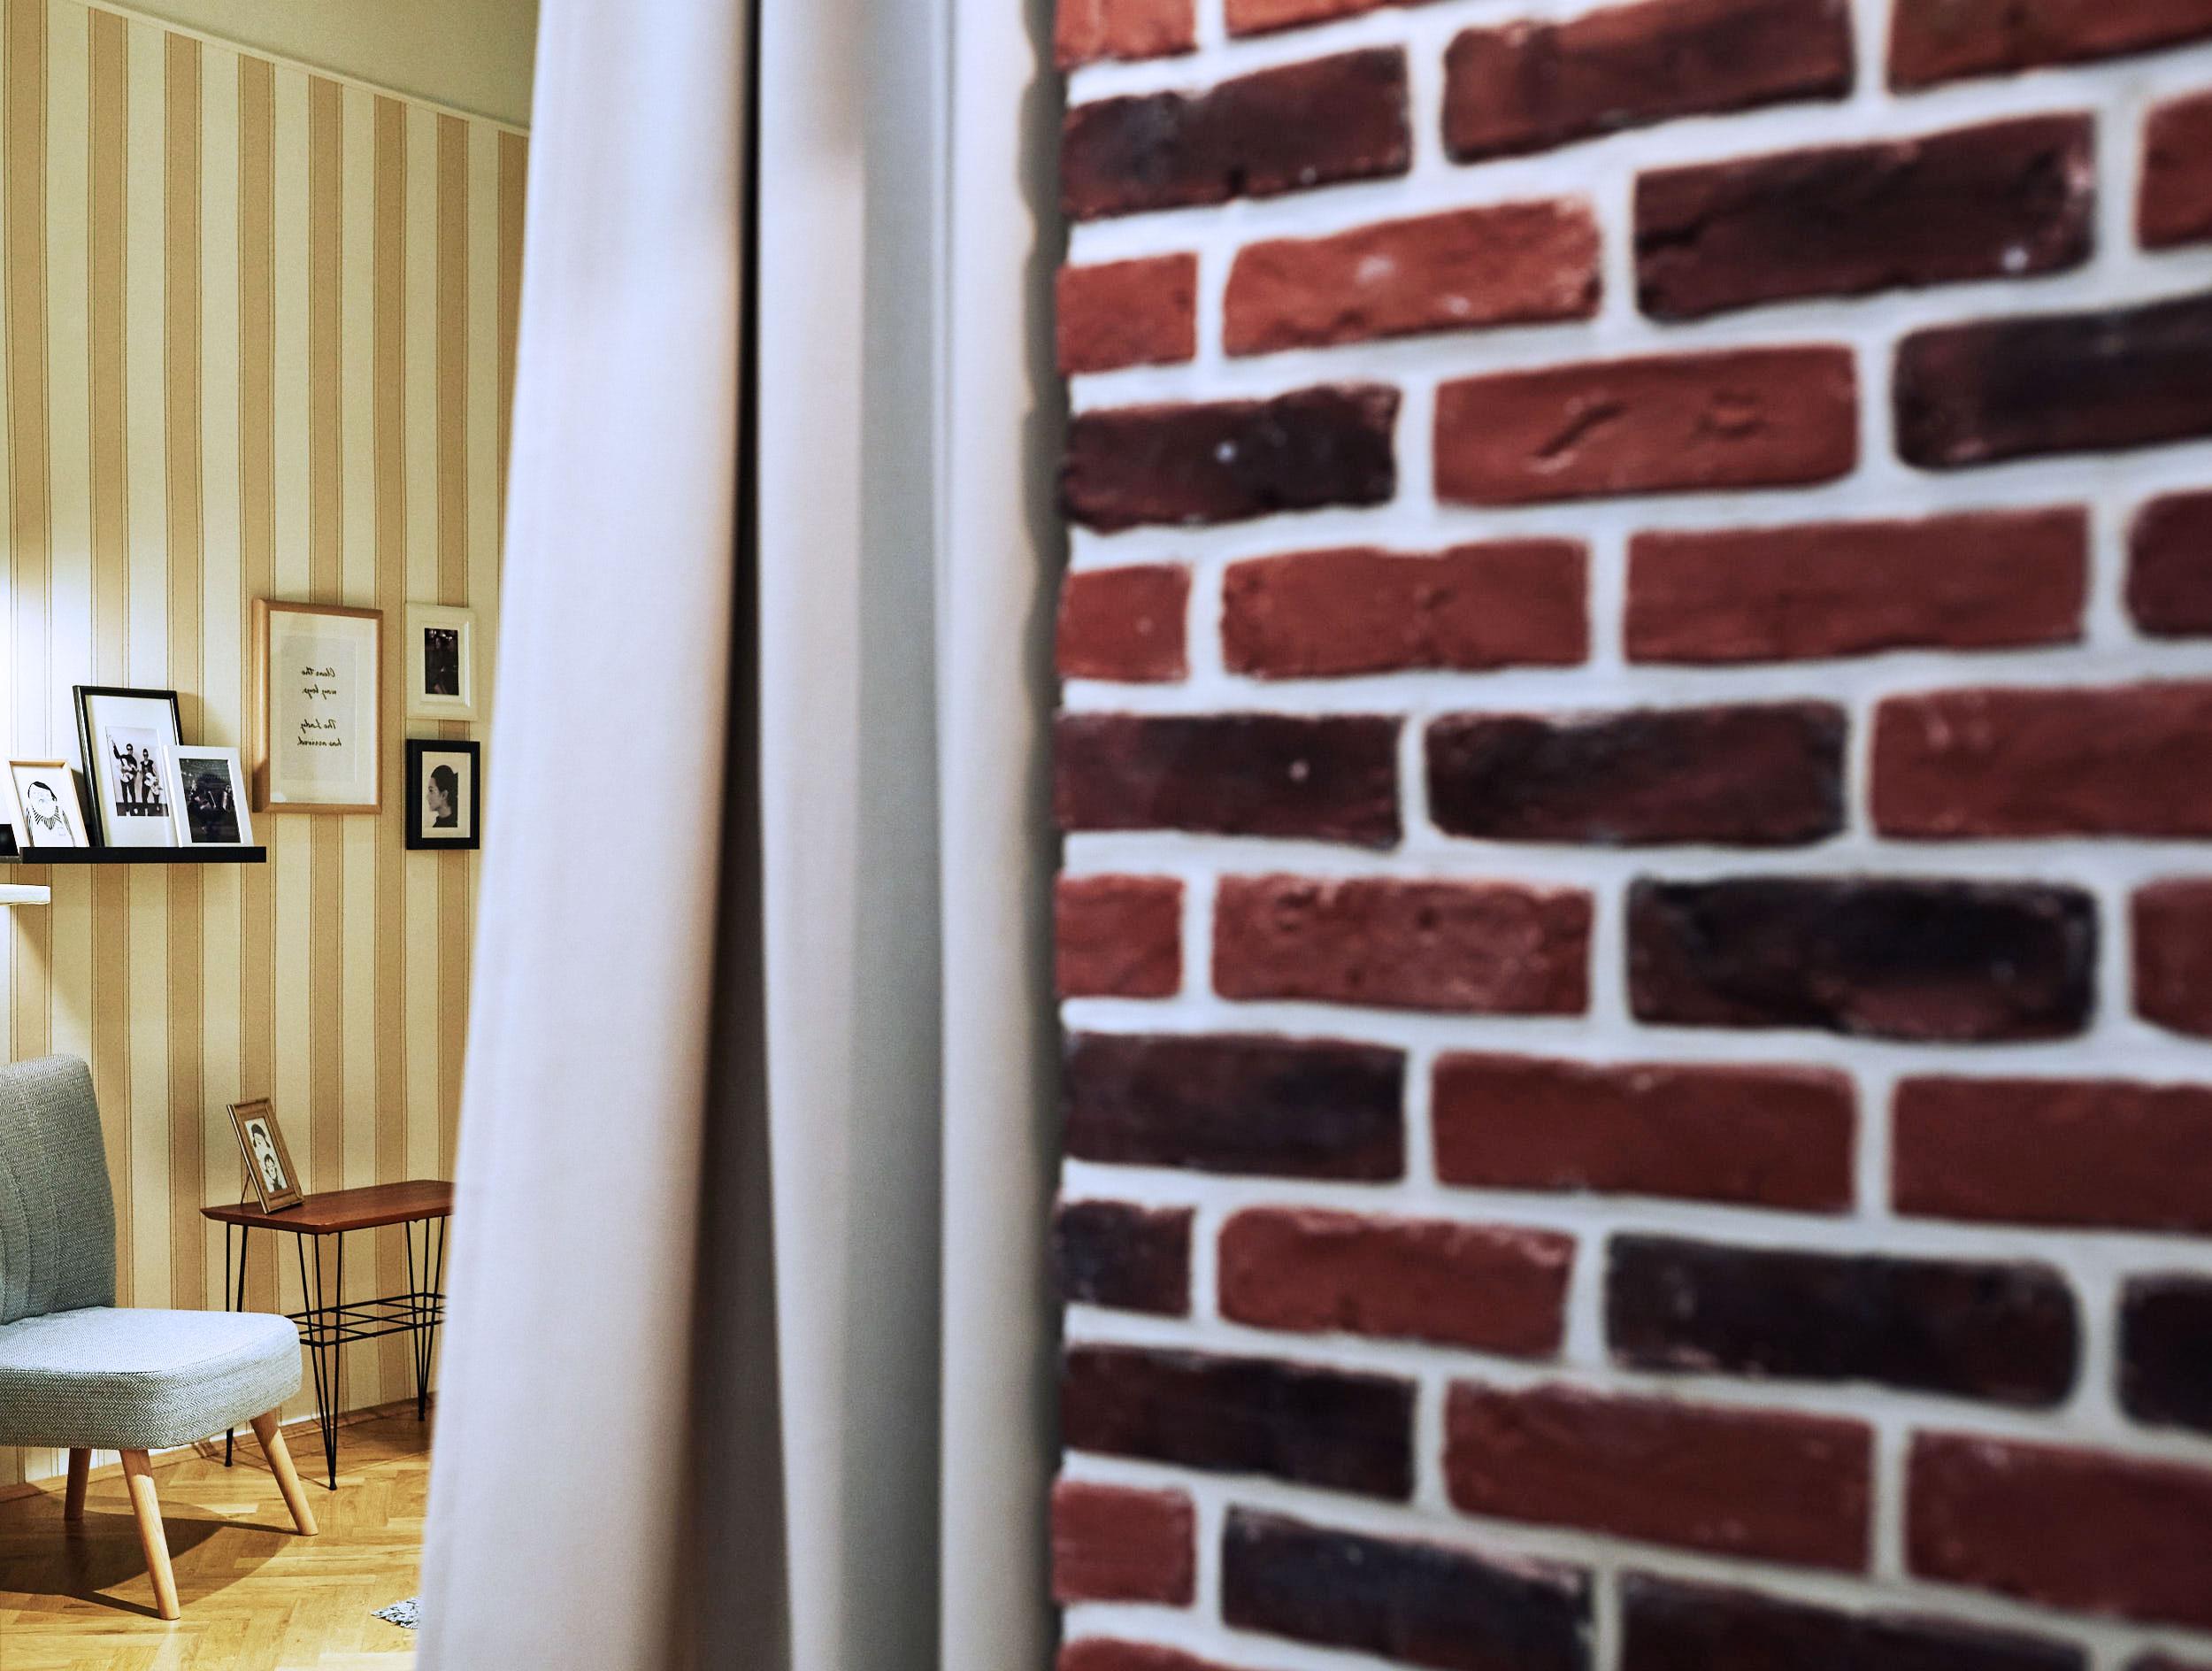 boutique-grandios-vienna-otto-bauer-gasse-11-wien-mariahilferstrase-kardiaserena-plus-size-outfit-fashion-wohnzimmer-feeling